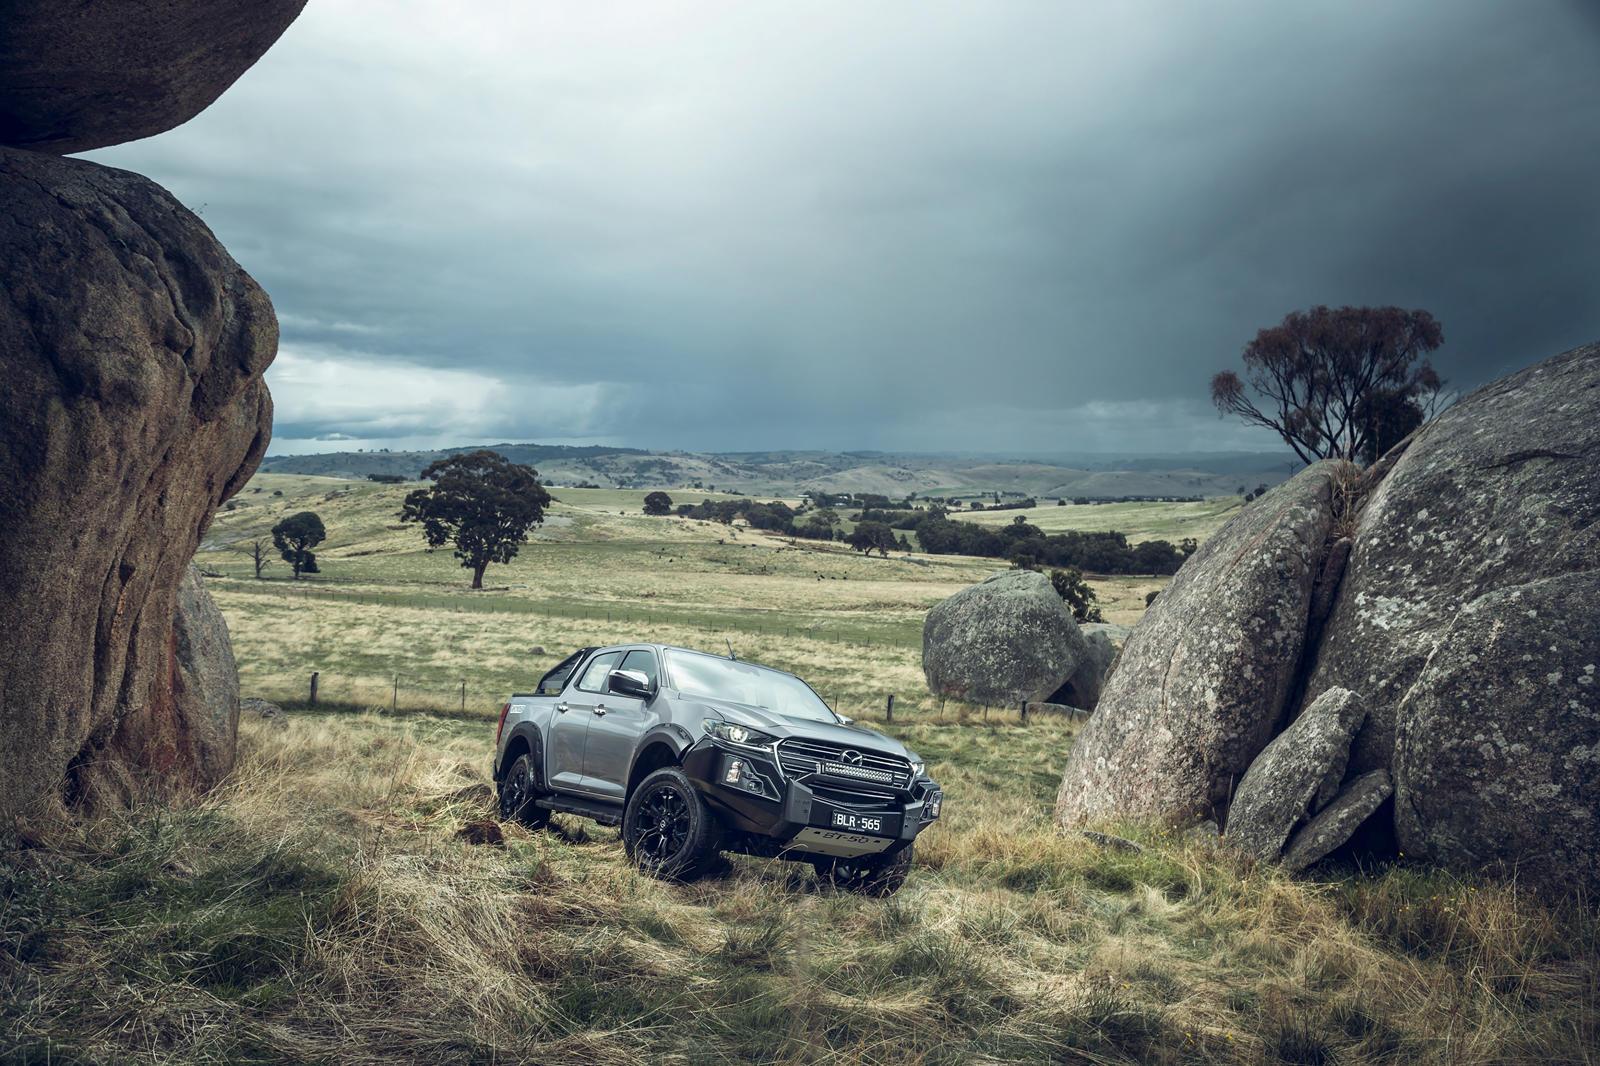 Если вы никогда не слышали о Mazda BT-50, вероятно, это потому, что пикап не продается у вас в стране. Когда-то он был тесно связан с Ford Ranger, но, тем не менее, факт остается фактом: он не рассматривается как жизнеспособное предложение для нашего